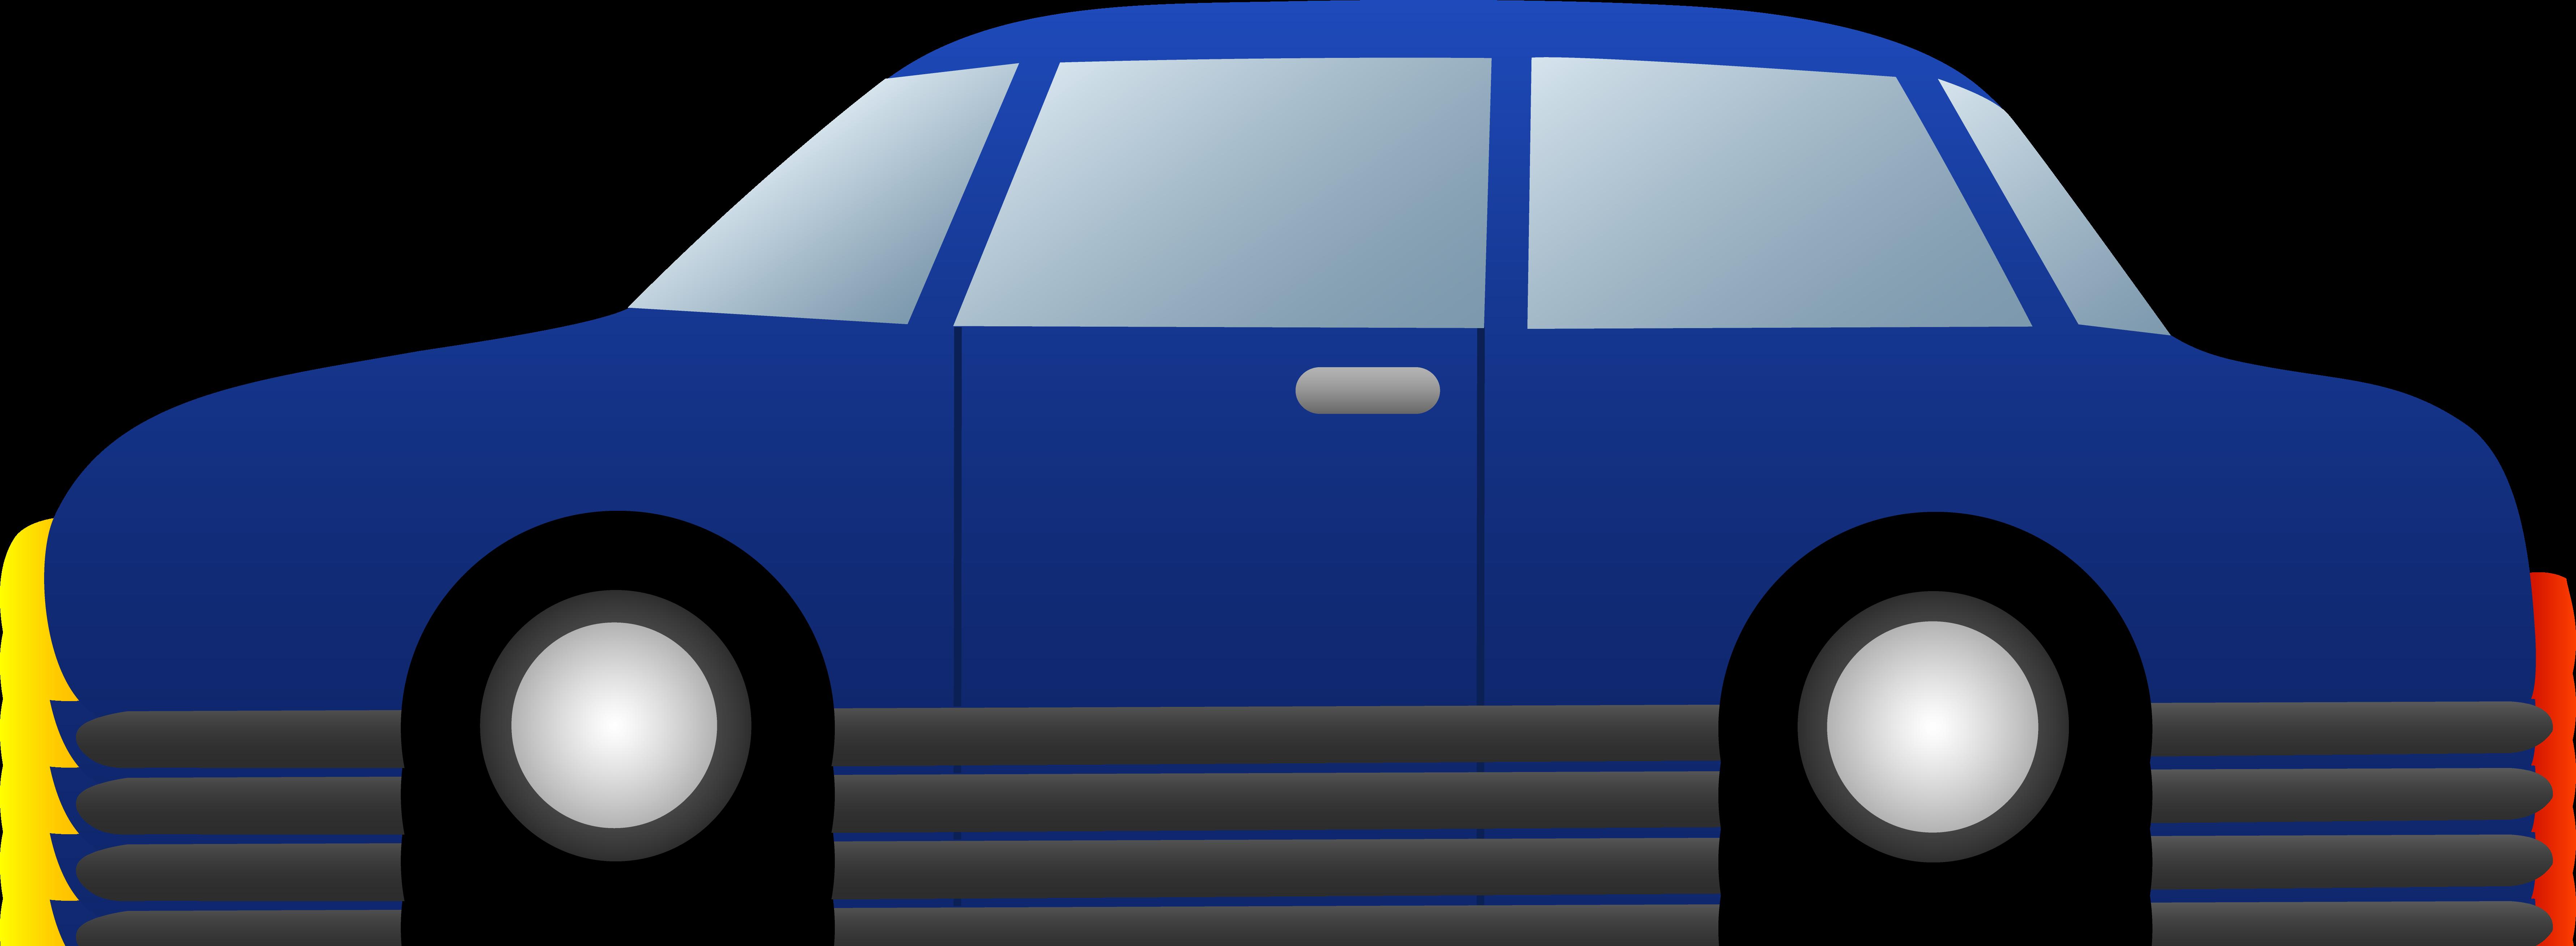 7122x2615 Race Car Clipart Simple